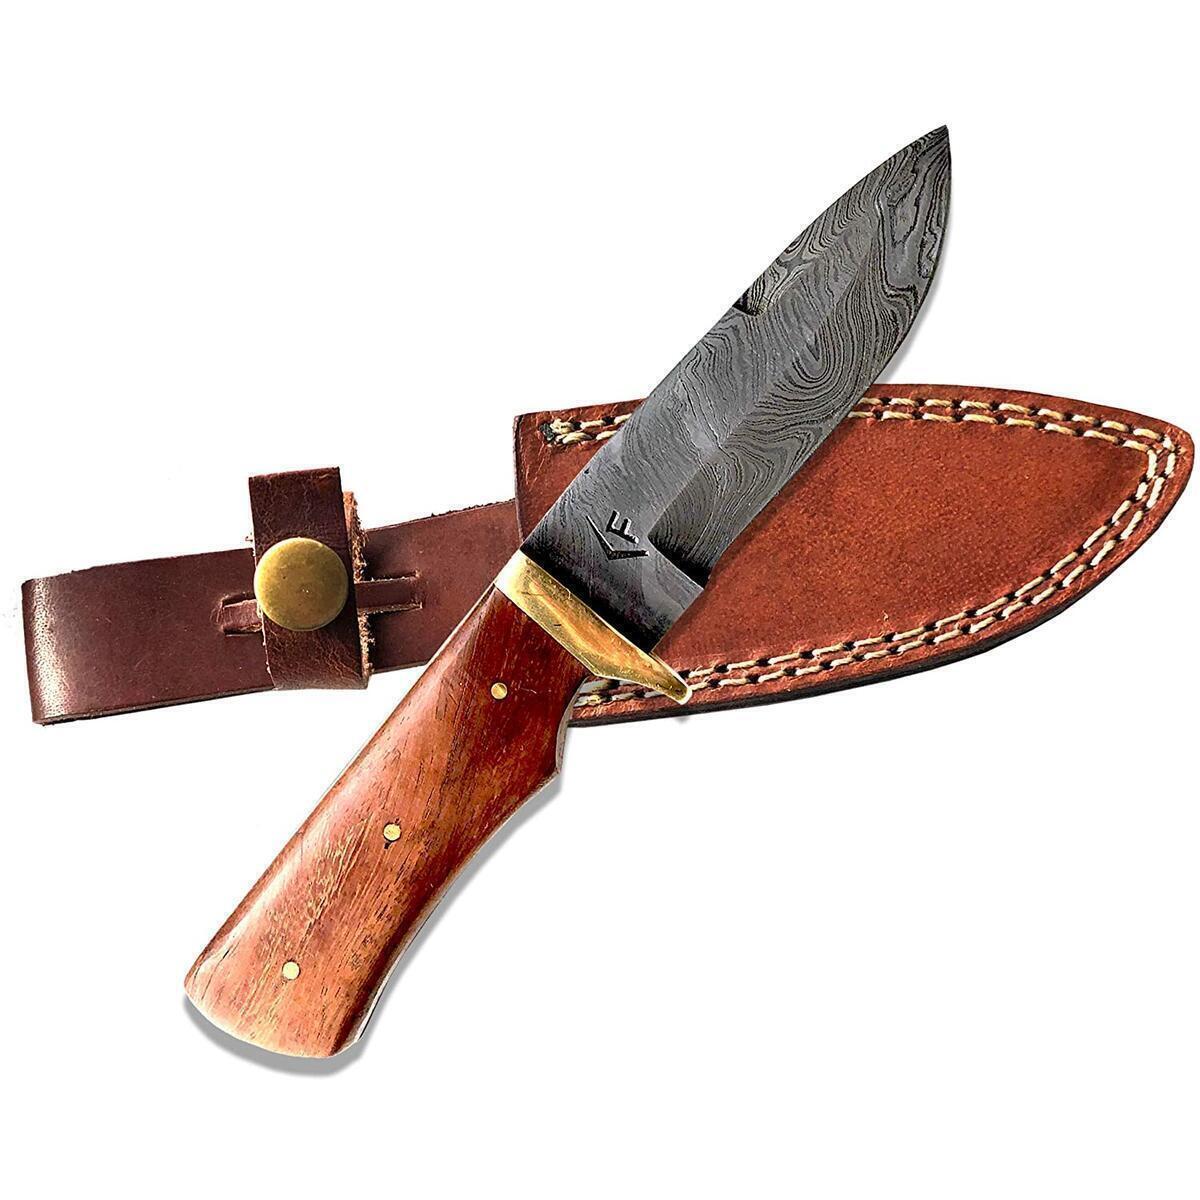 Fellmark Damascus Steel Hunting Knife with Sheath Kratt Scandi Grind Bushcrafting Knife 7.9